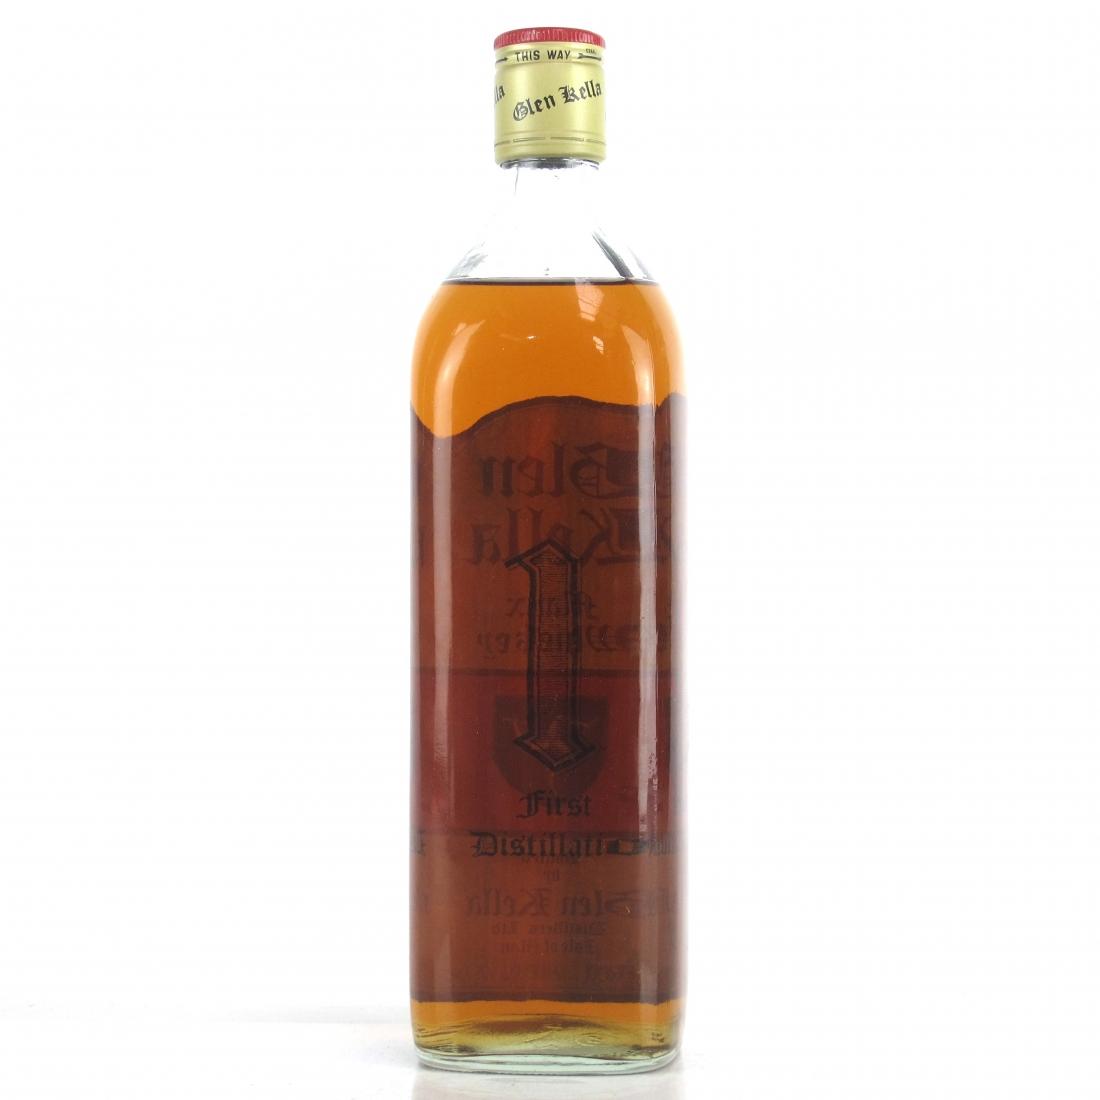 Glen Kella Manx Whisky 1970s